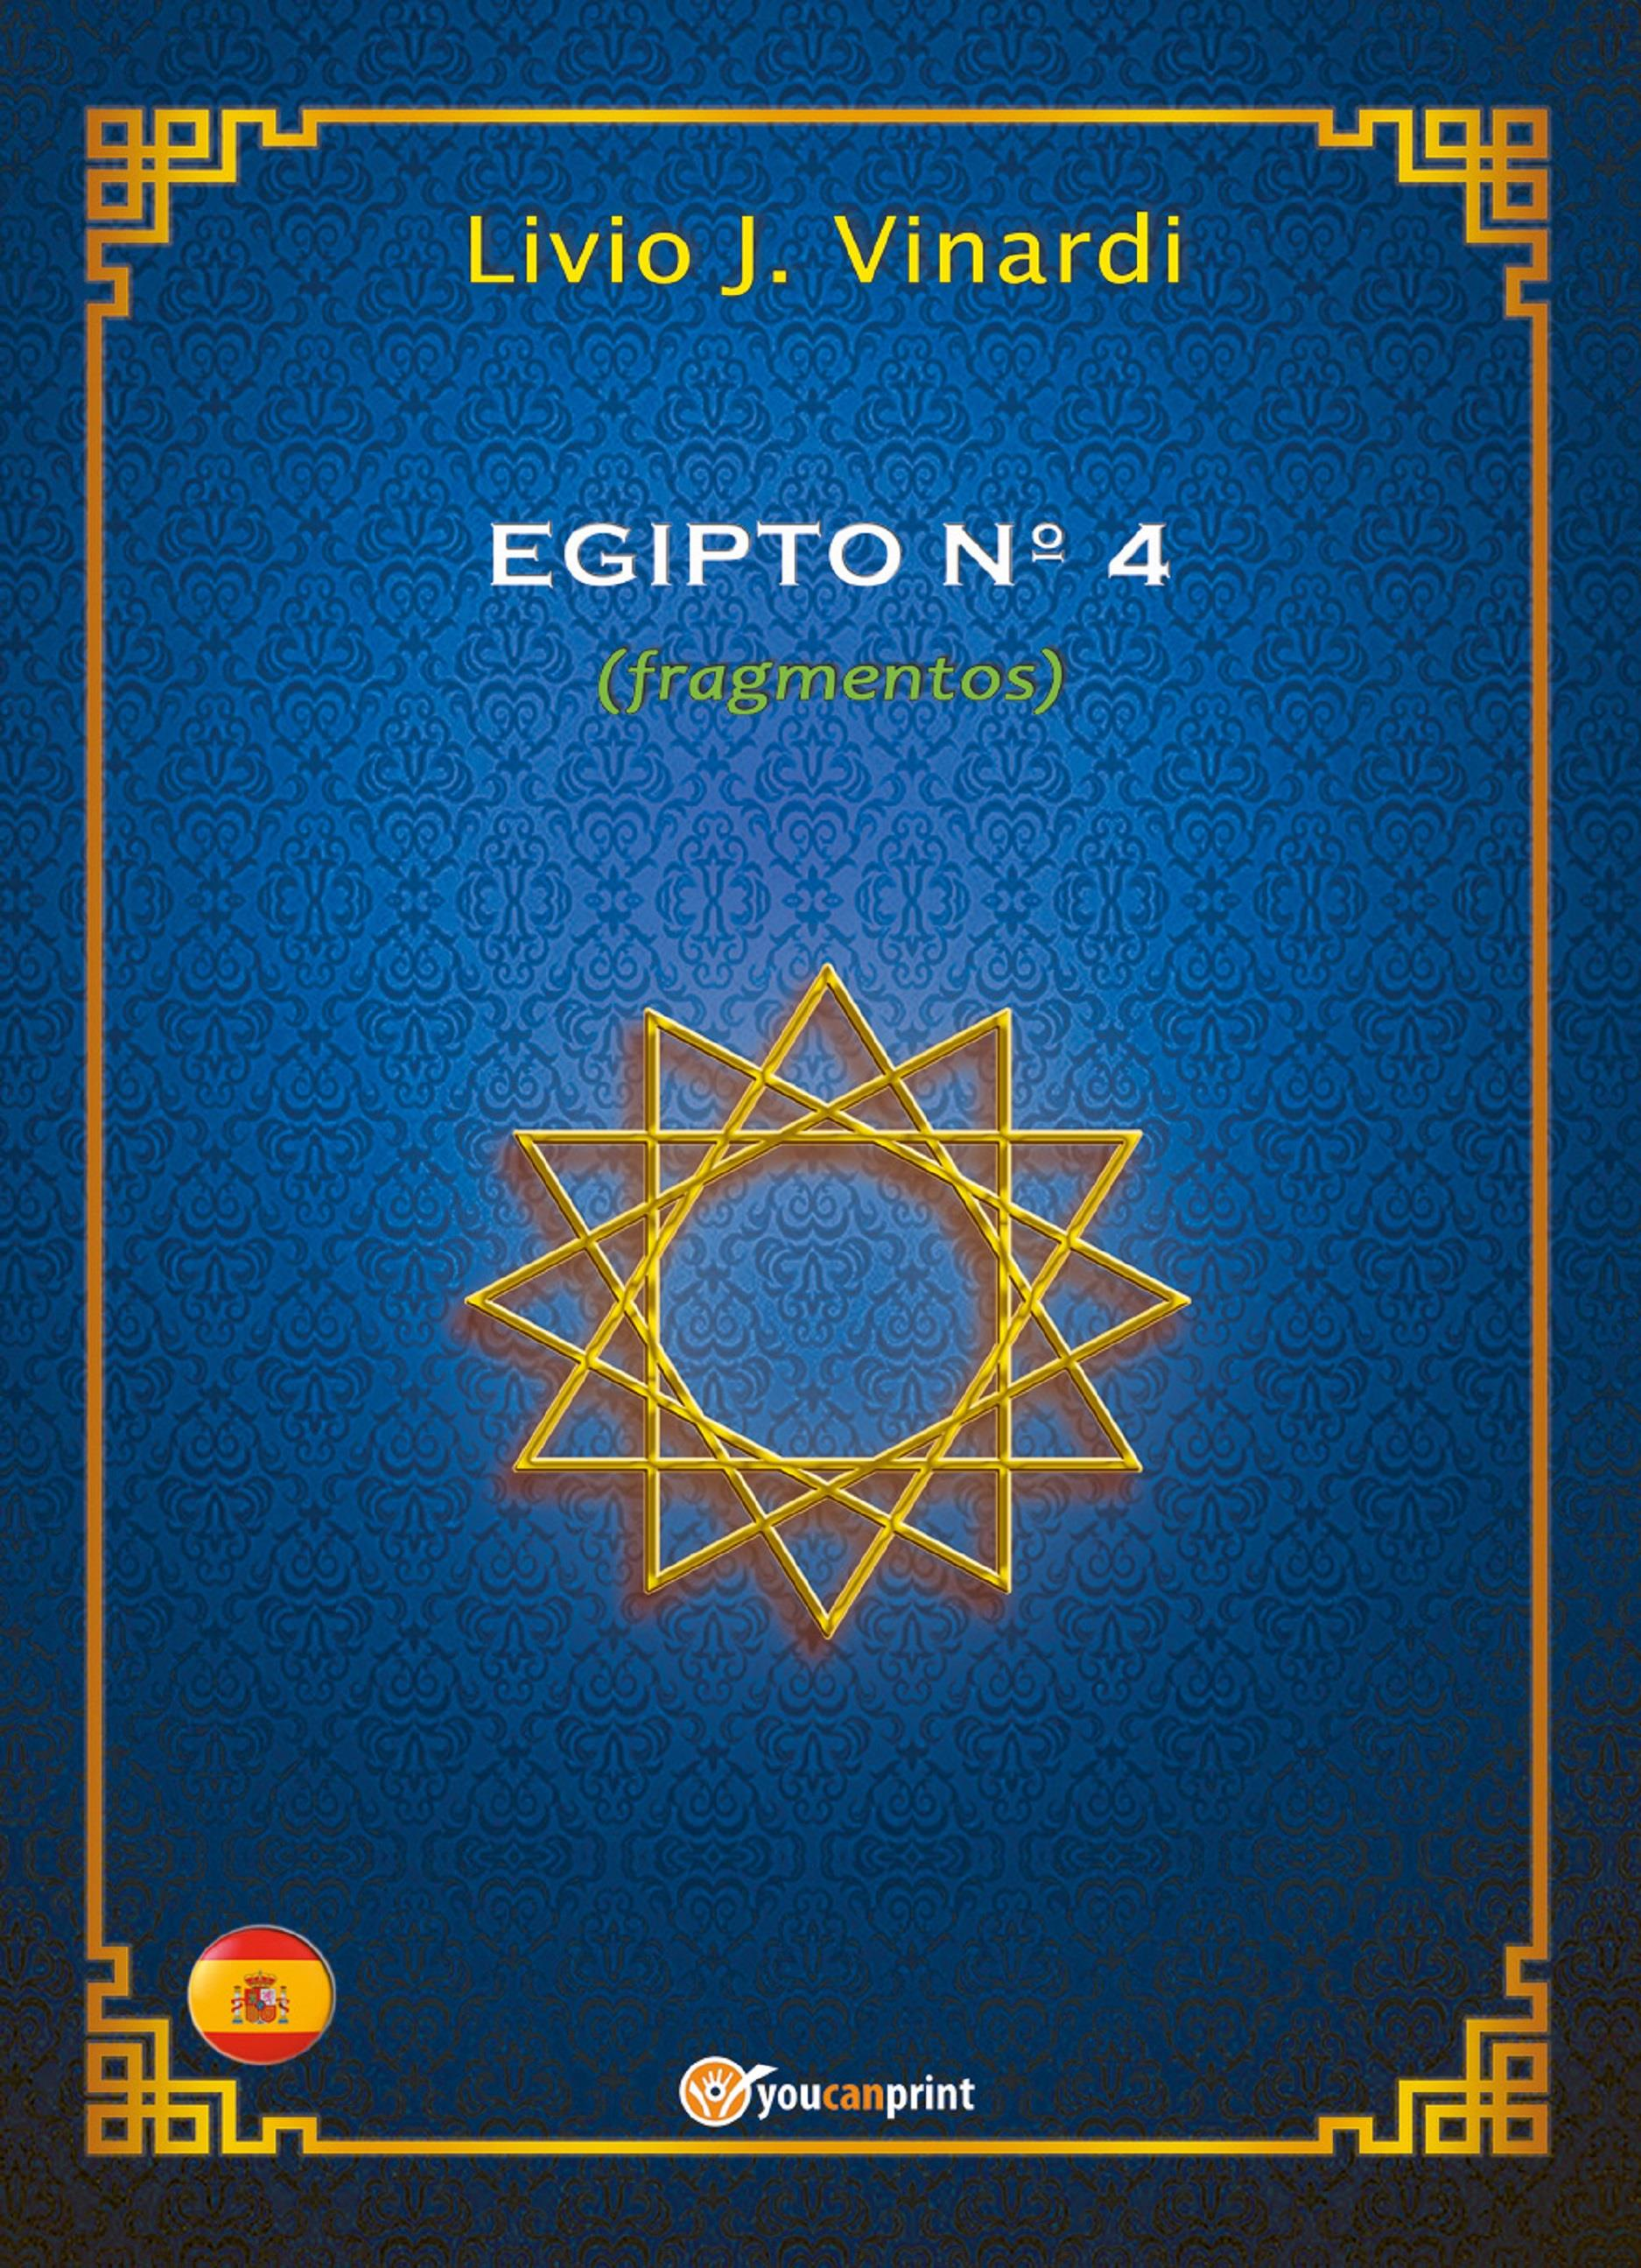 EGIPTO N°4 (fragmentos) (EN ESPAÑOL)